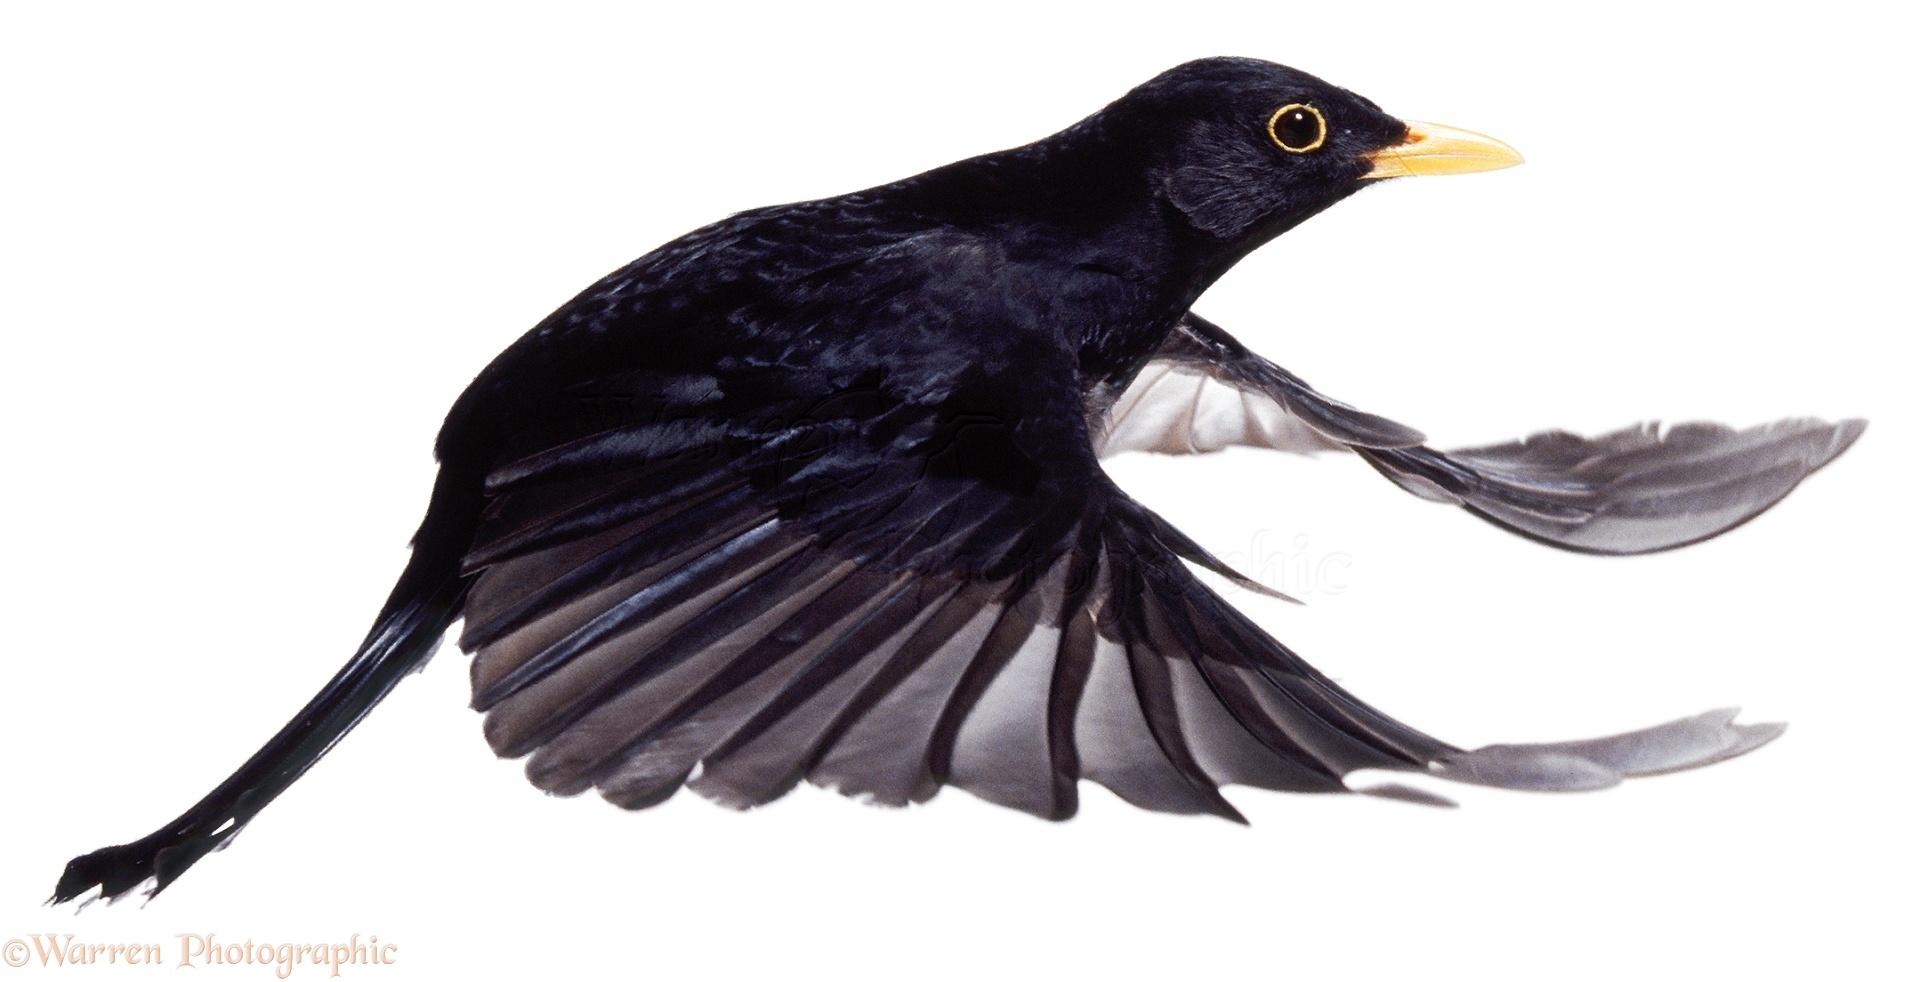 Male Blackbird In Flight Photo Wp04629